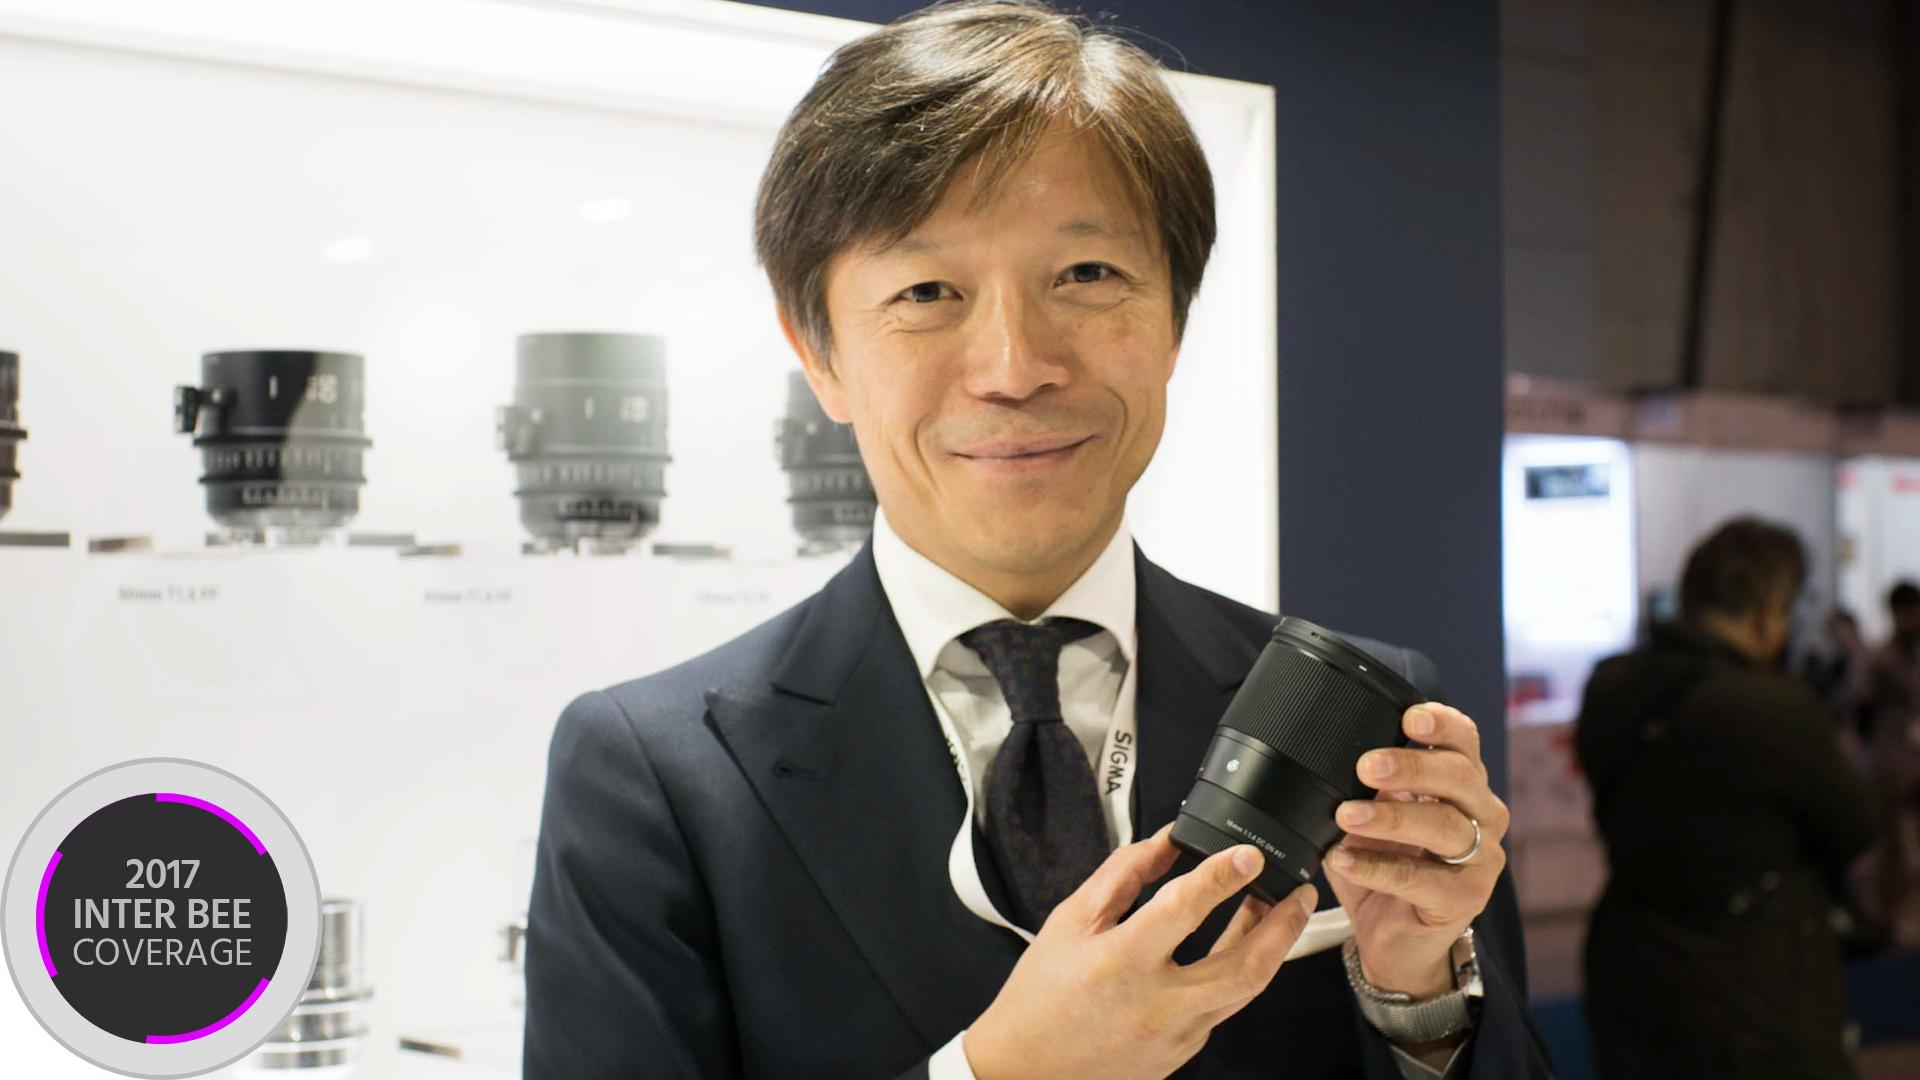 シグマが16mm ContemporaryレンズをE とMFTマウントで発表